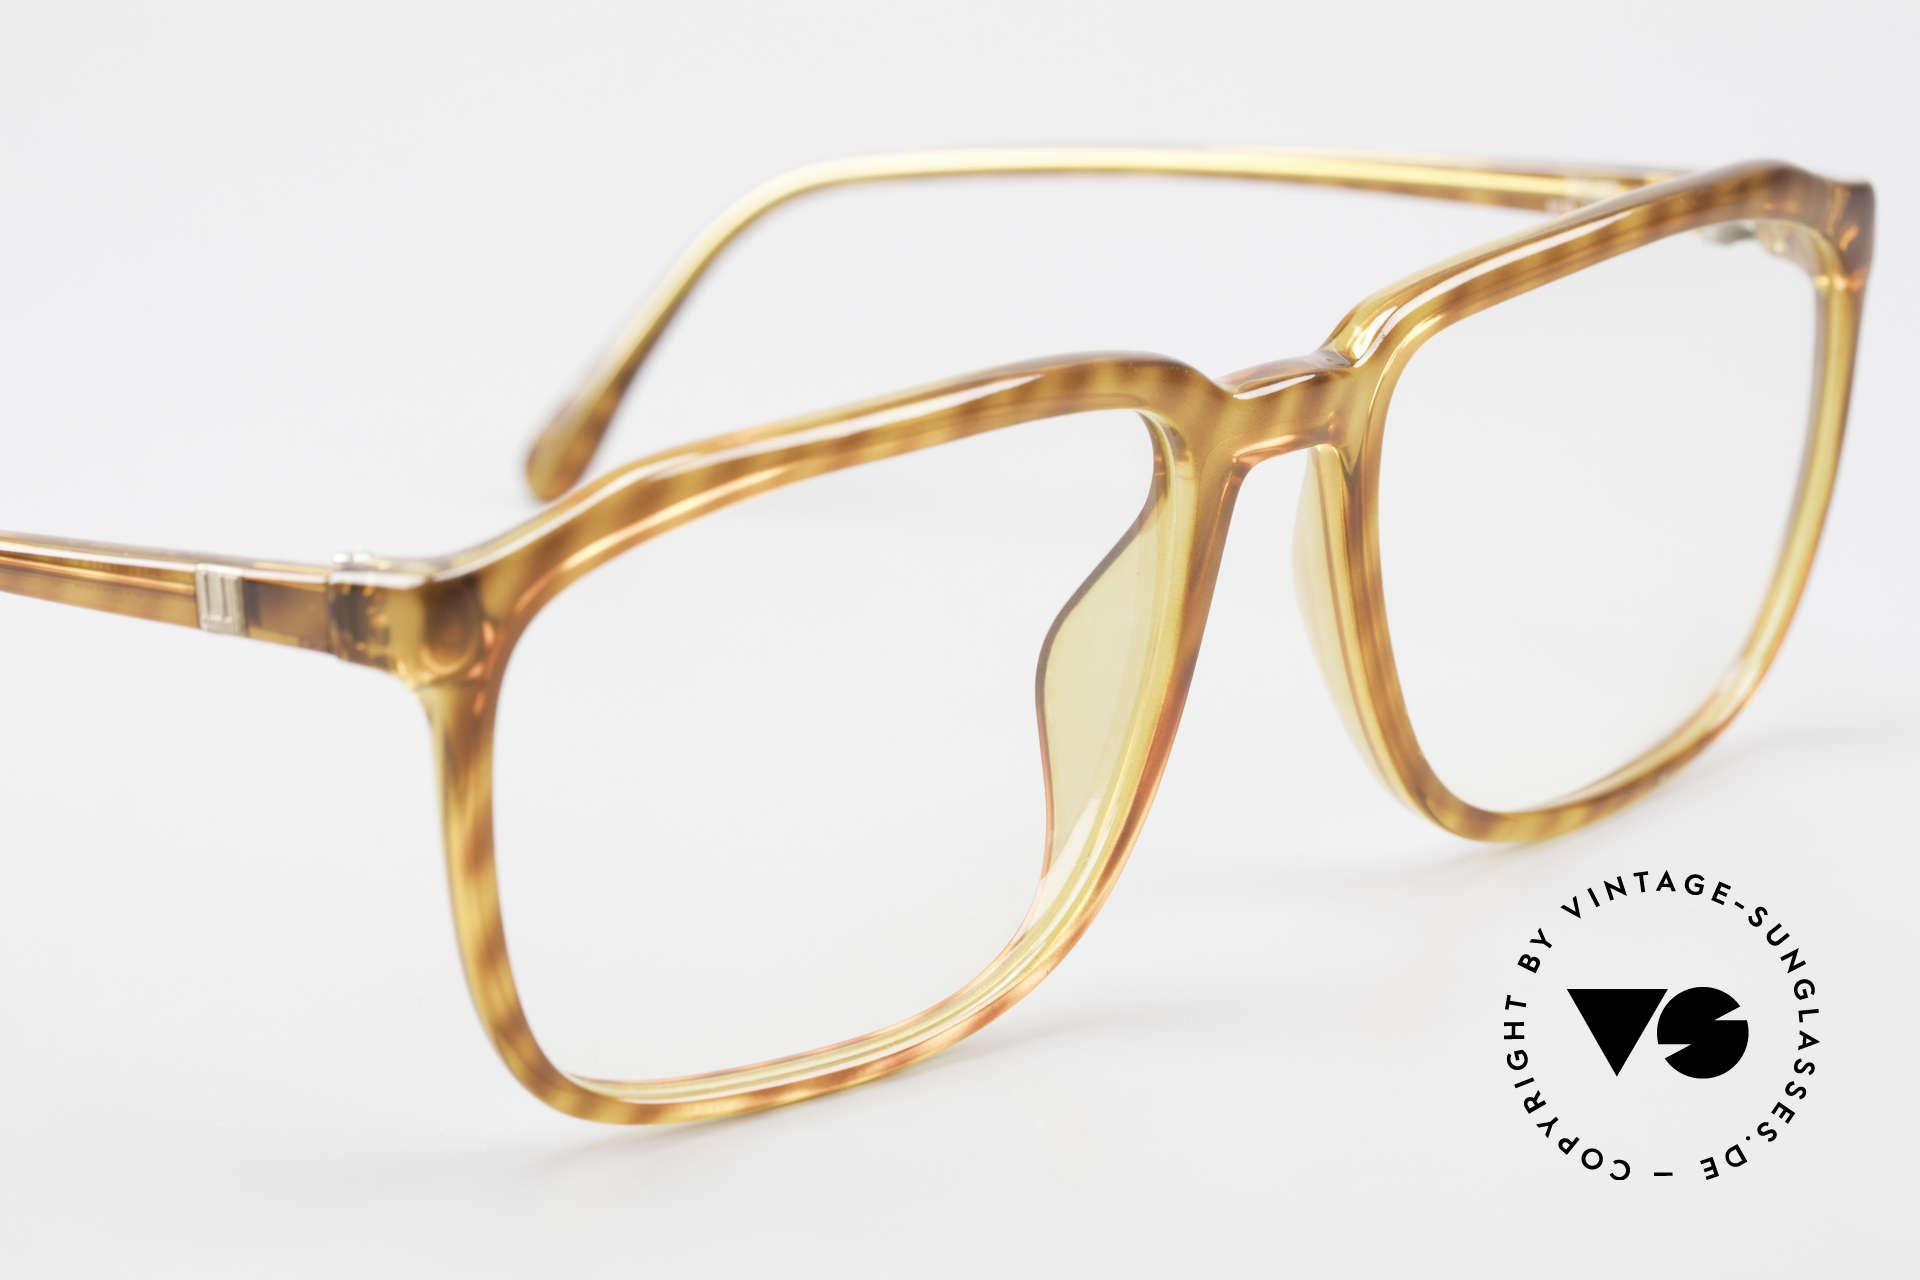 Dunhill 6133 Vintage Optyl Herrenbrille, unbenutzt (wie alle unsere alten DUNHILL Originale), Passend für Herren